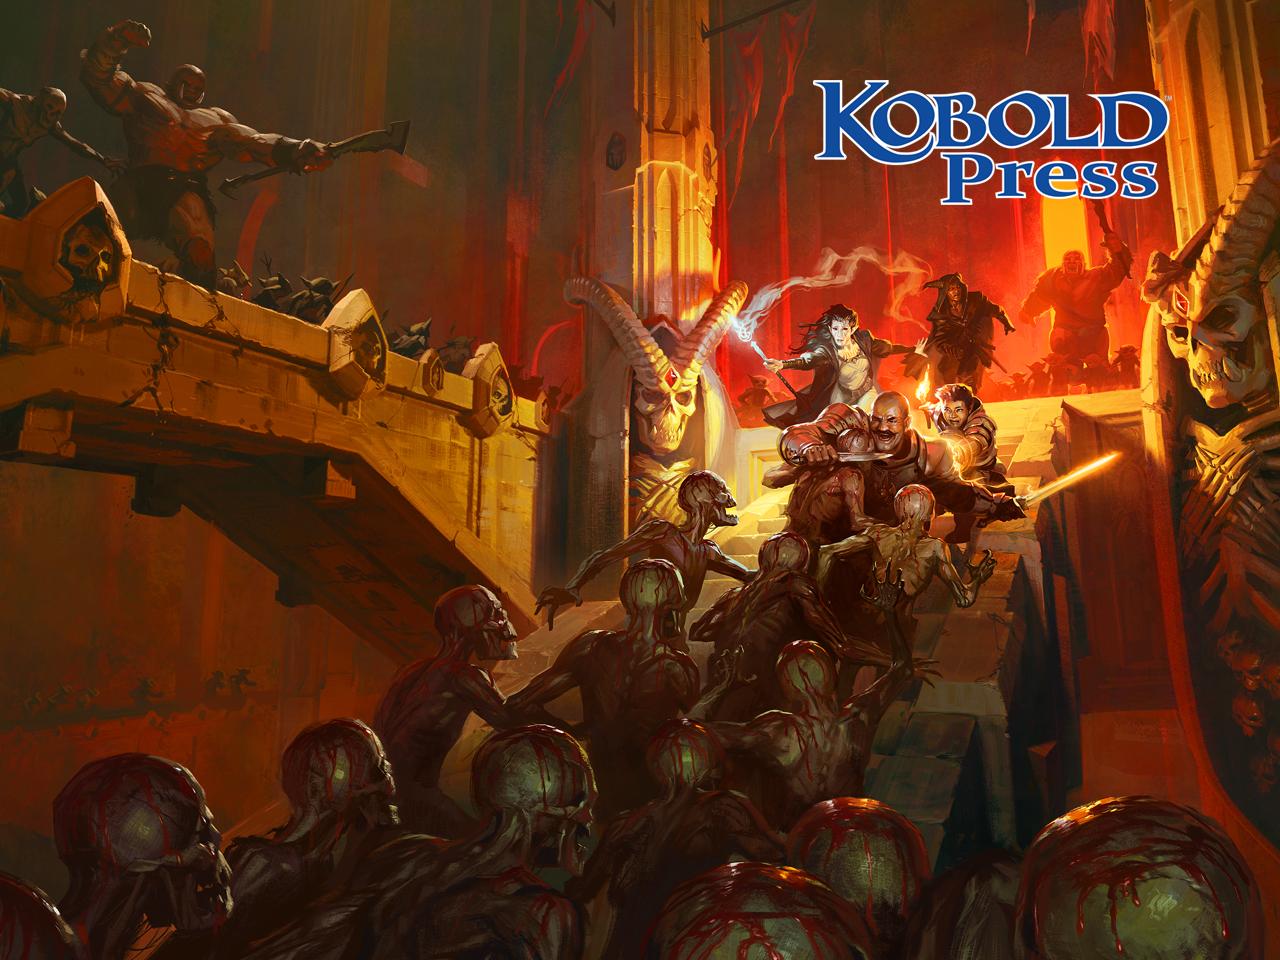 koboldpress.com